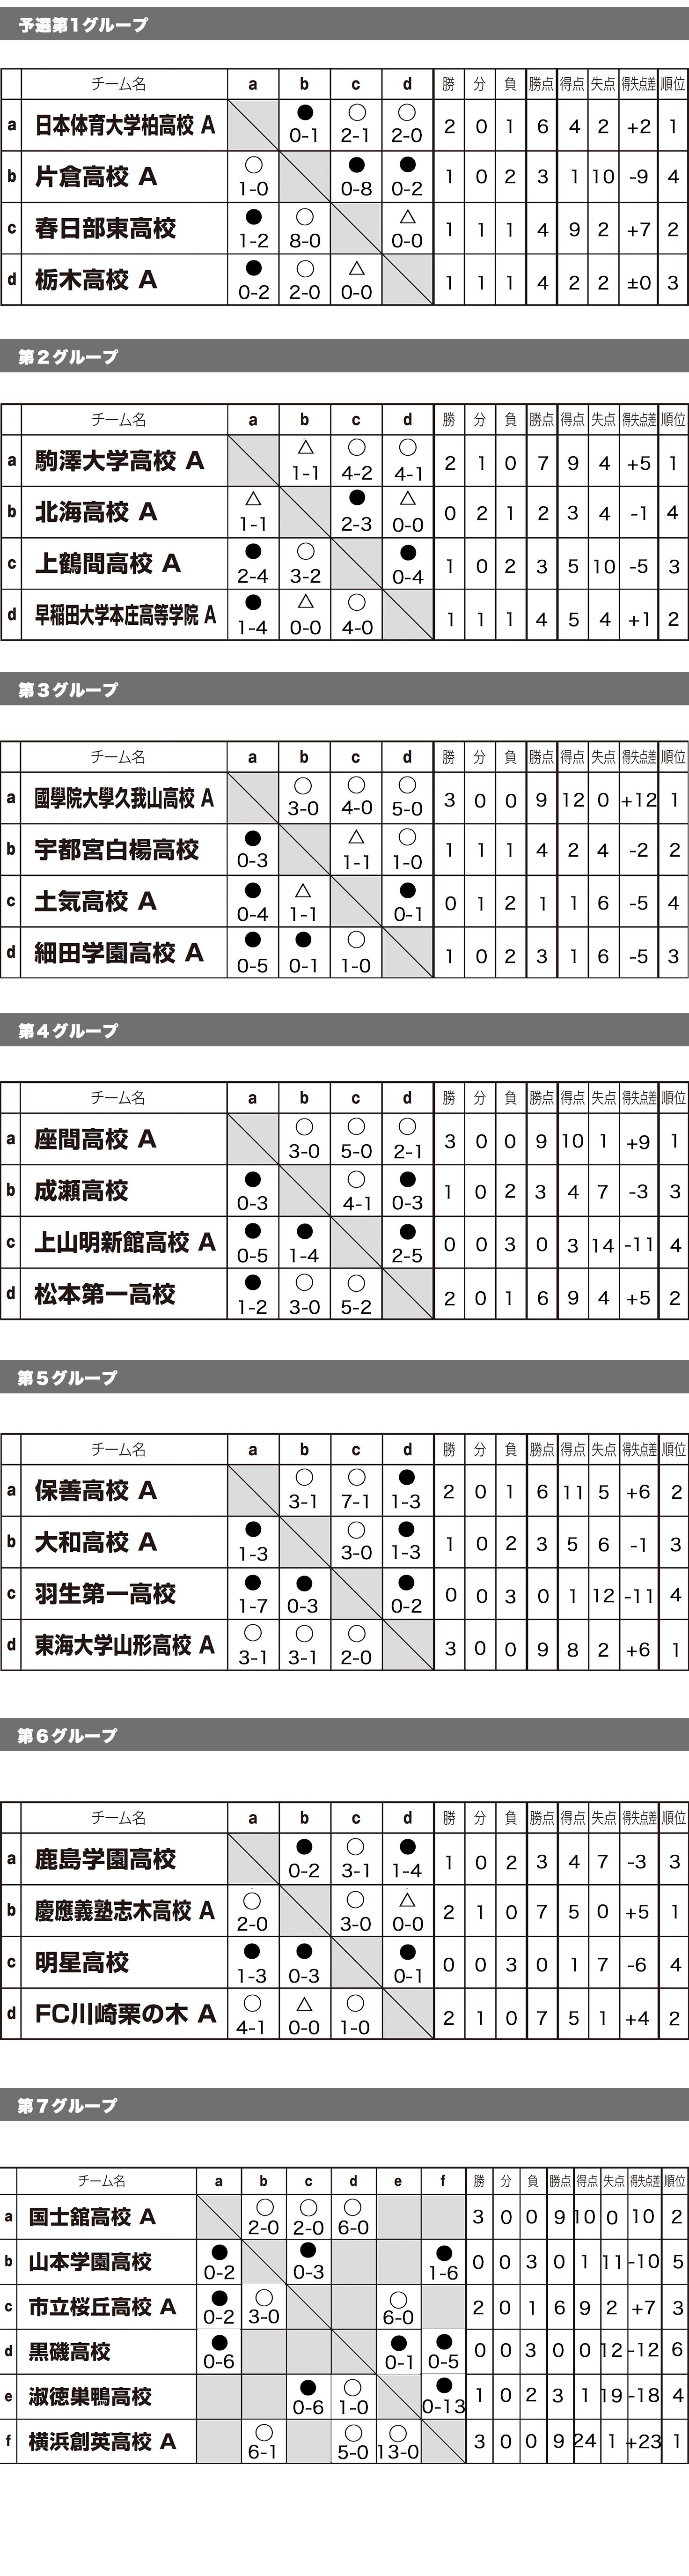 全国ユース新人戦 ステージ1 in 波崎 トーナメント表